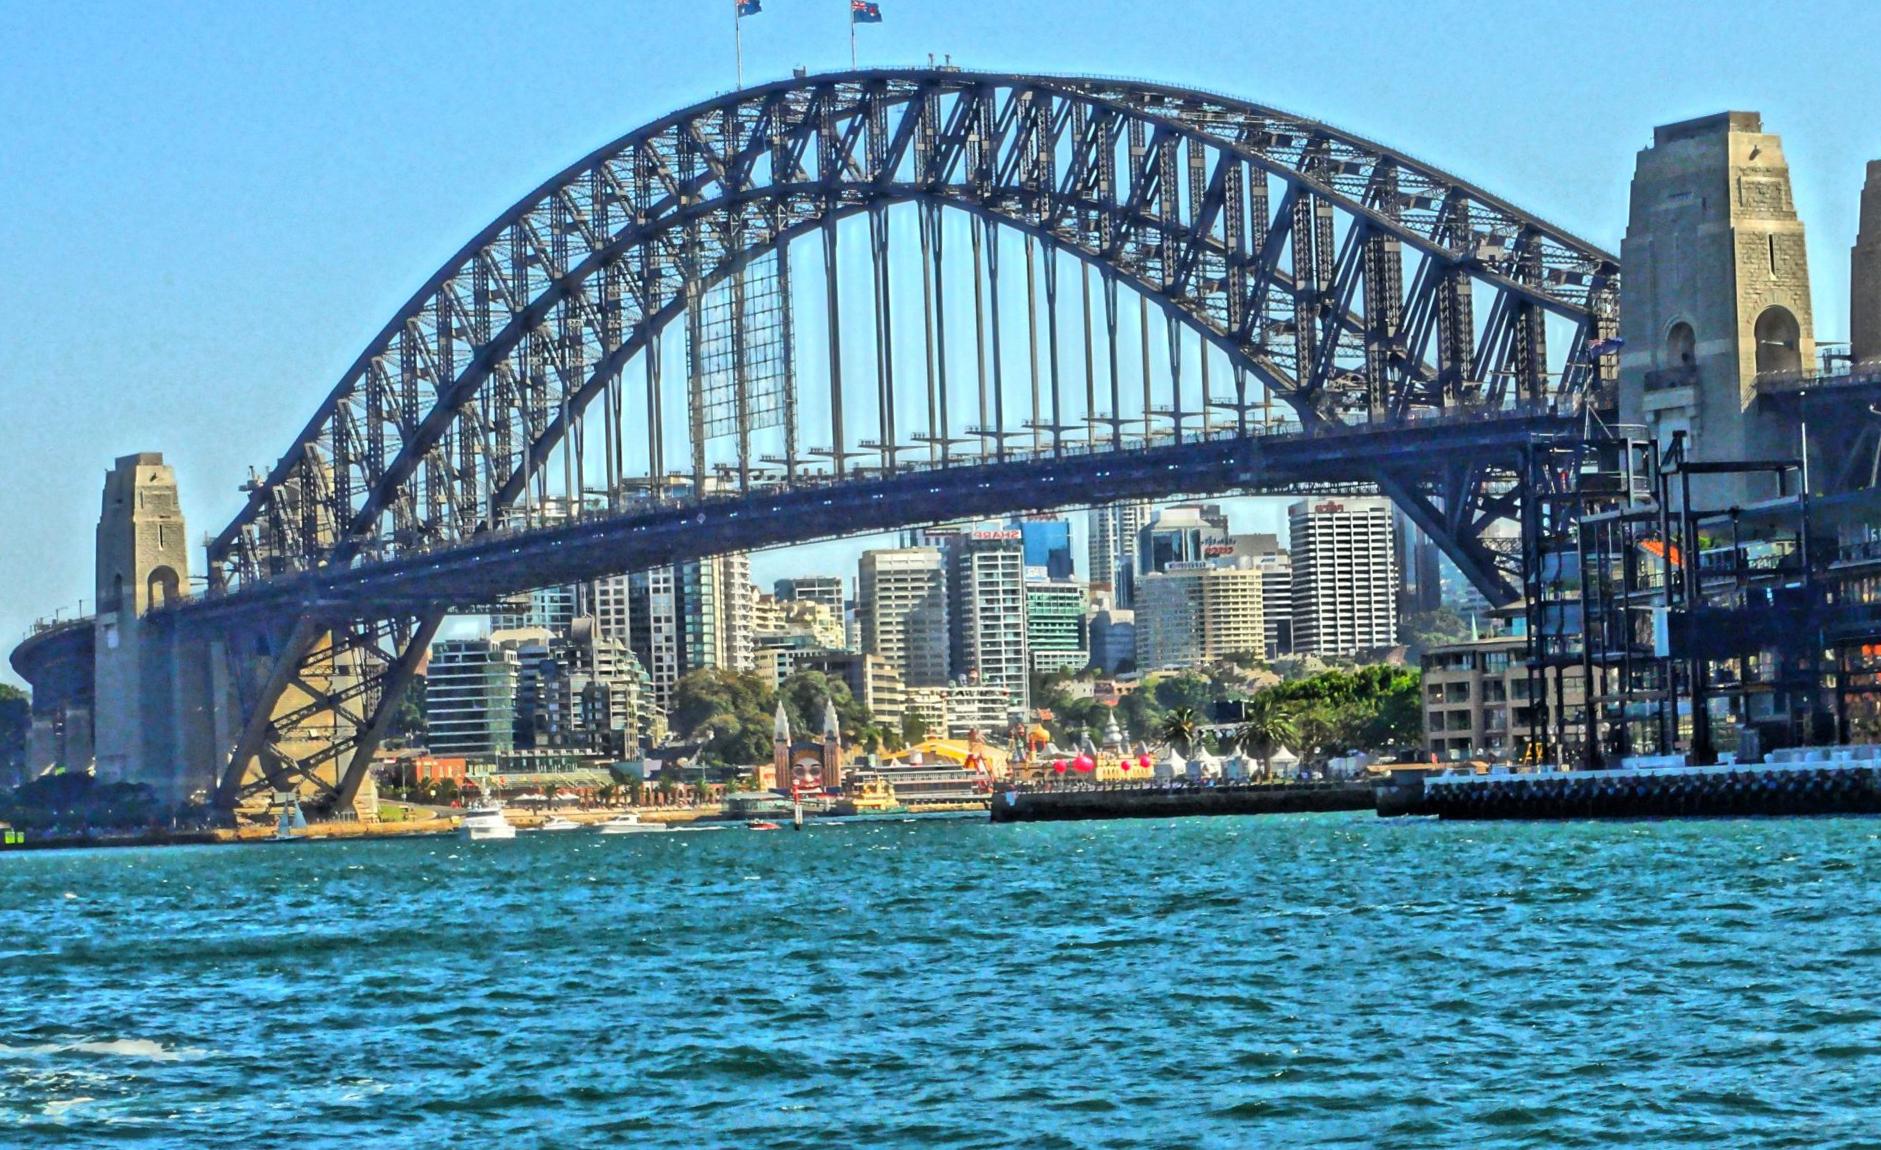 Что посмотреть в Сиднее? Мост Harbor Bridge